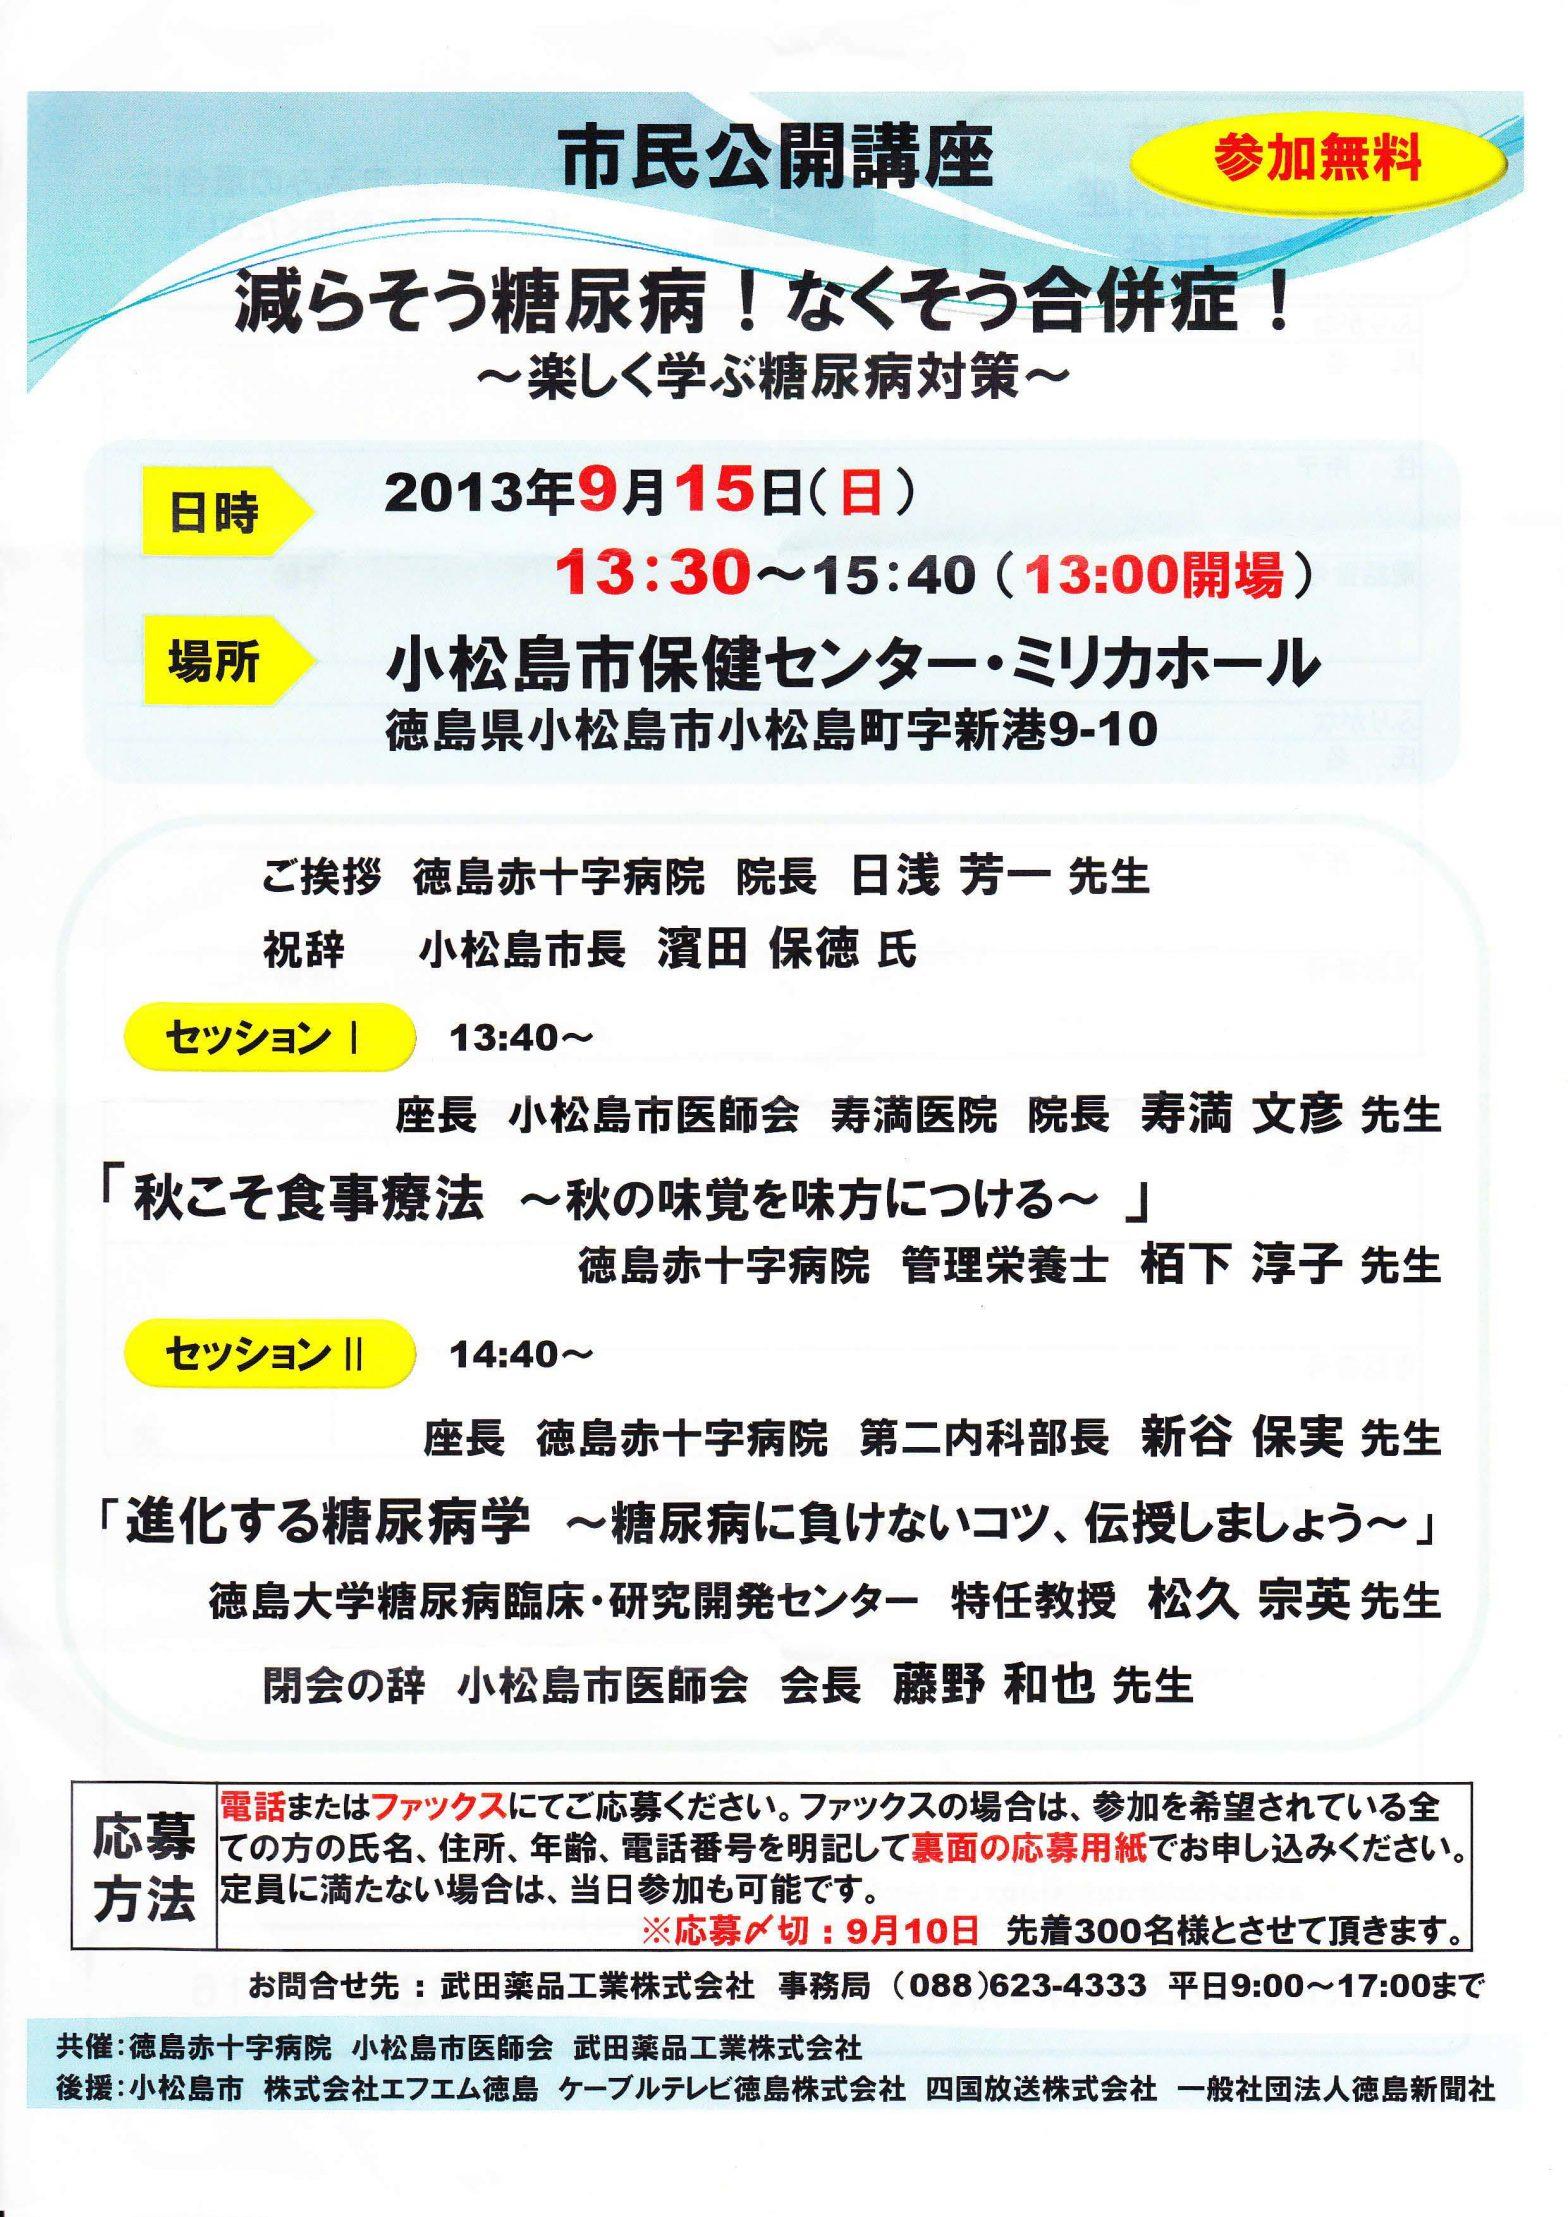 平成25年9月15日 「減らそう糖尿病!なくそう合併症!」